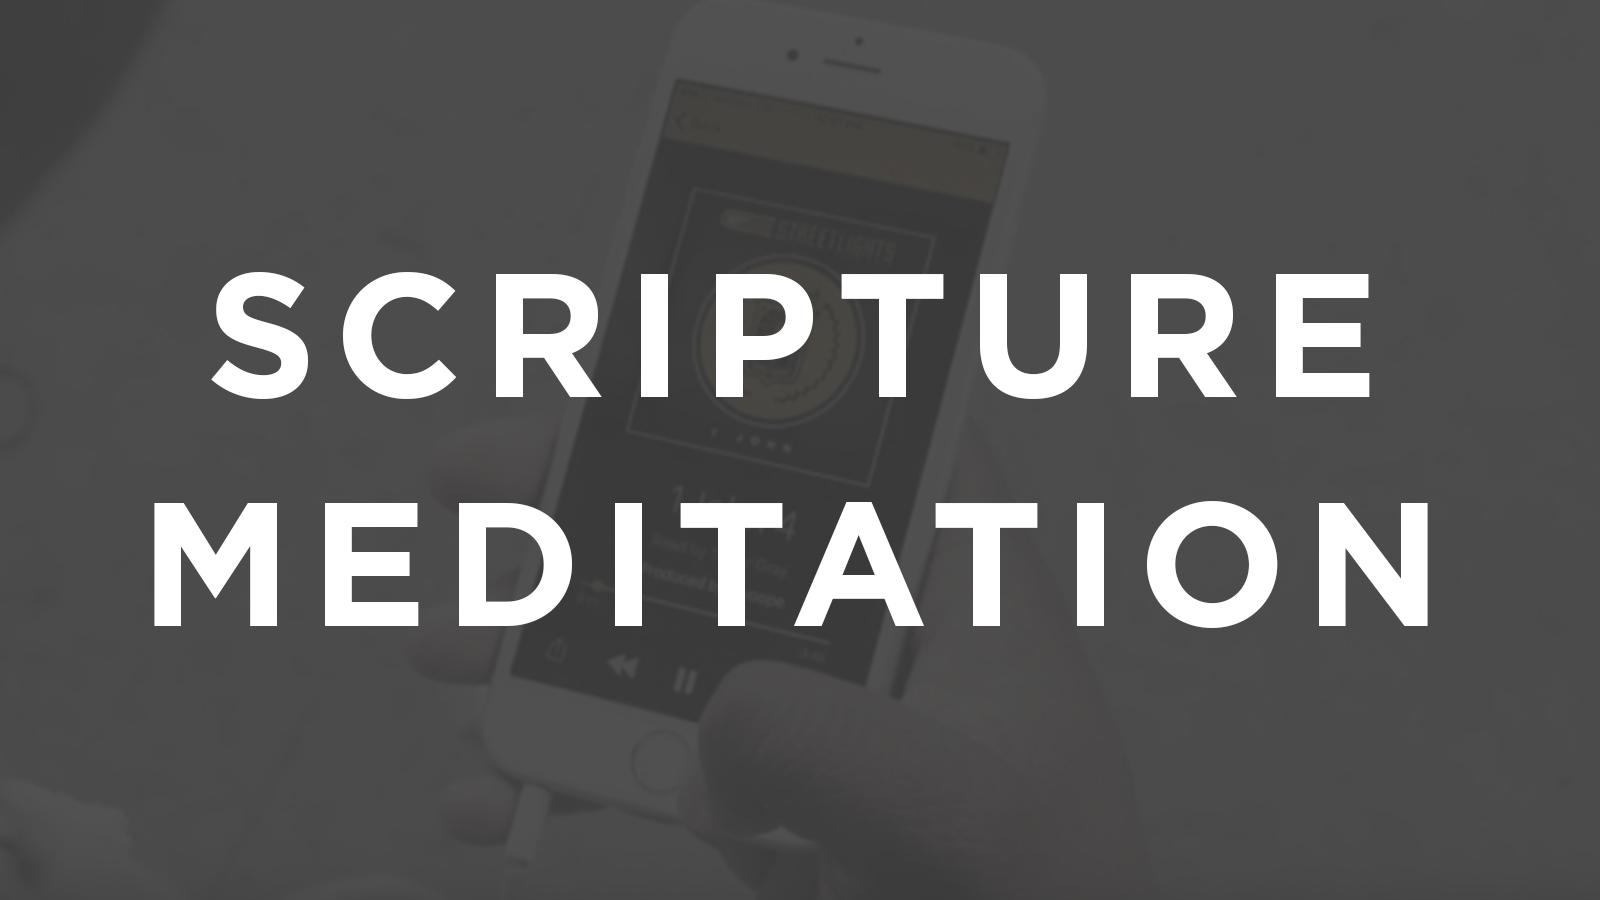 ScriptureMeditation.jpg